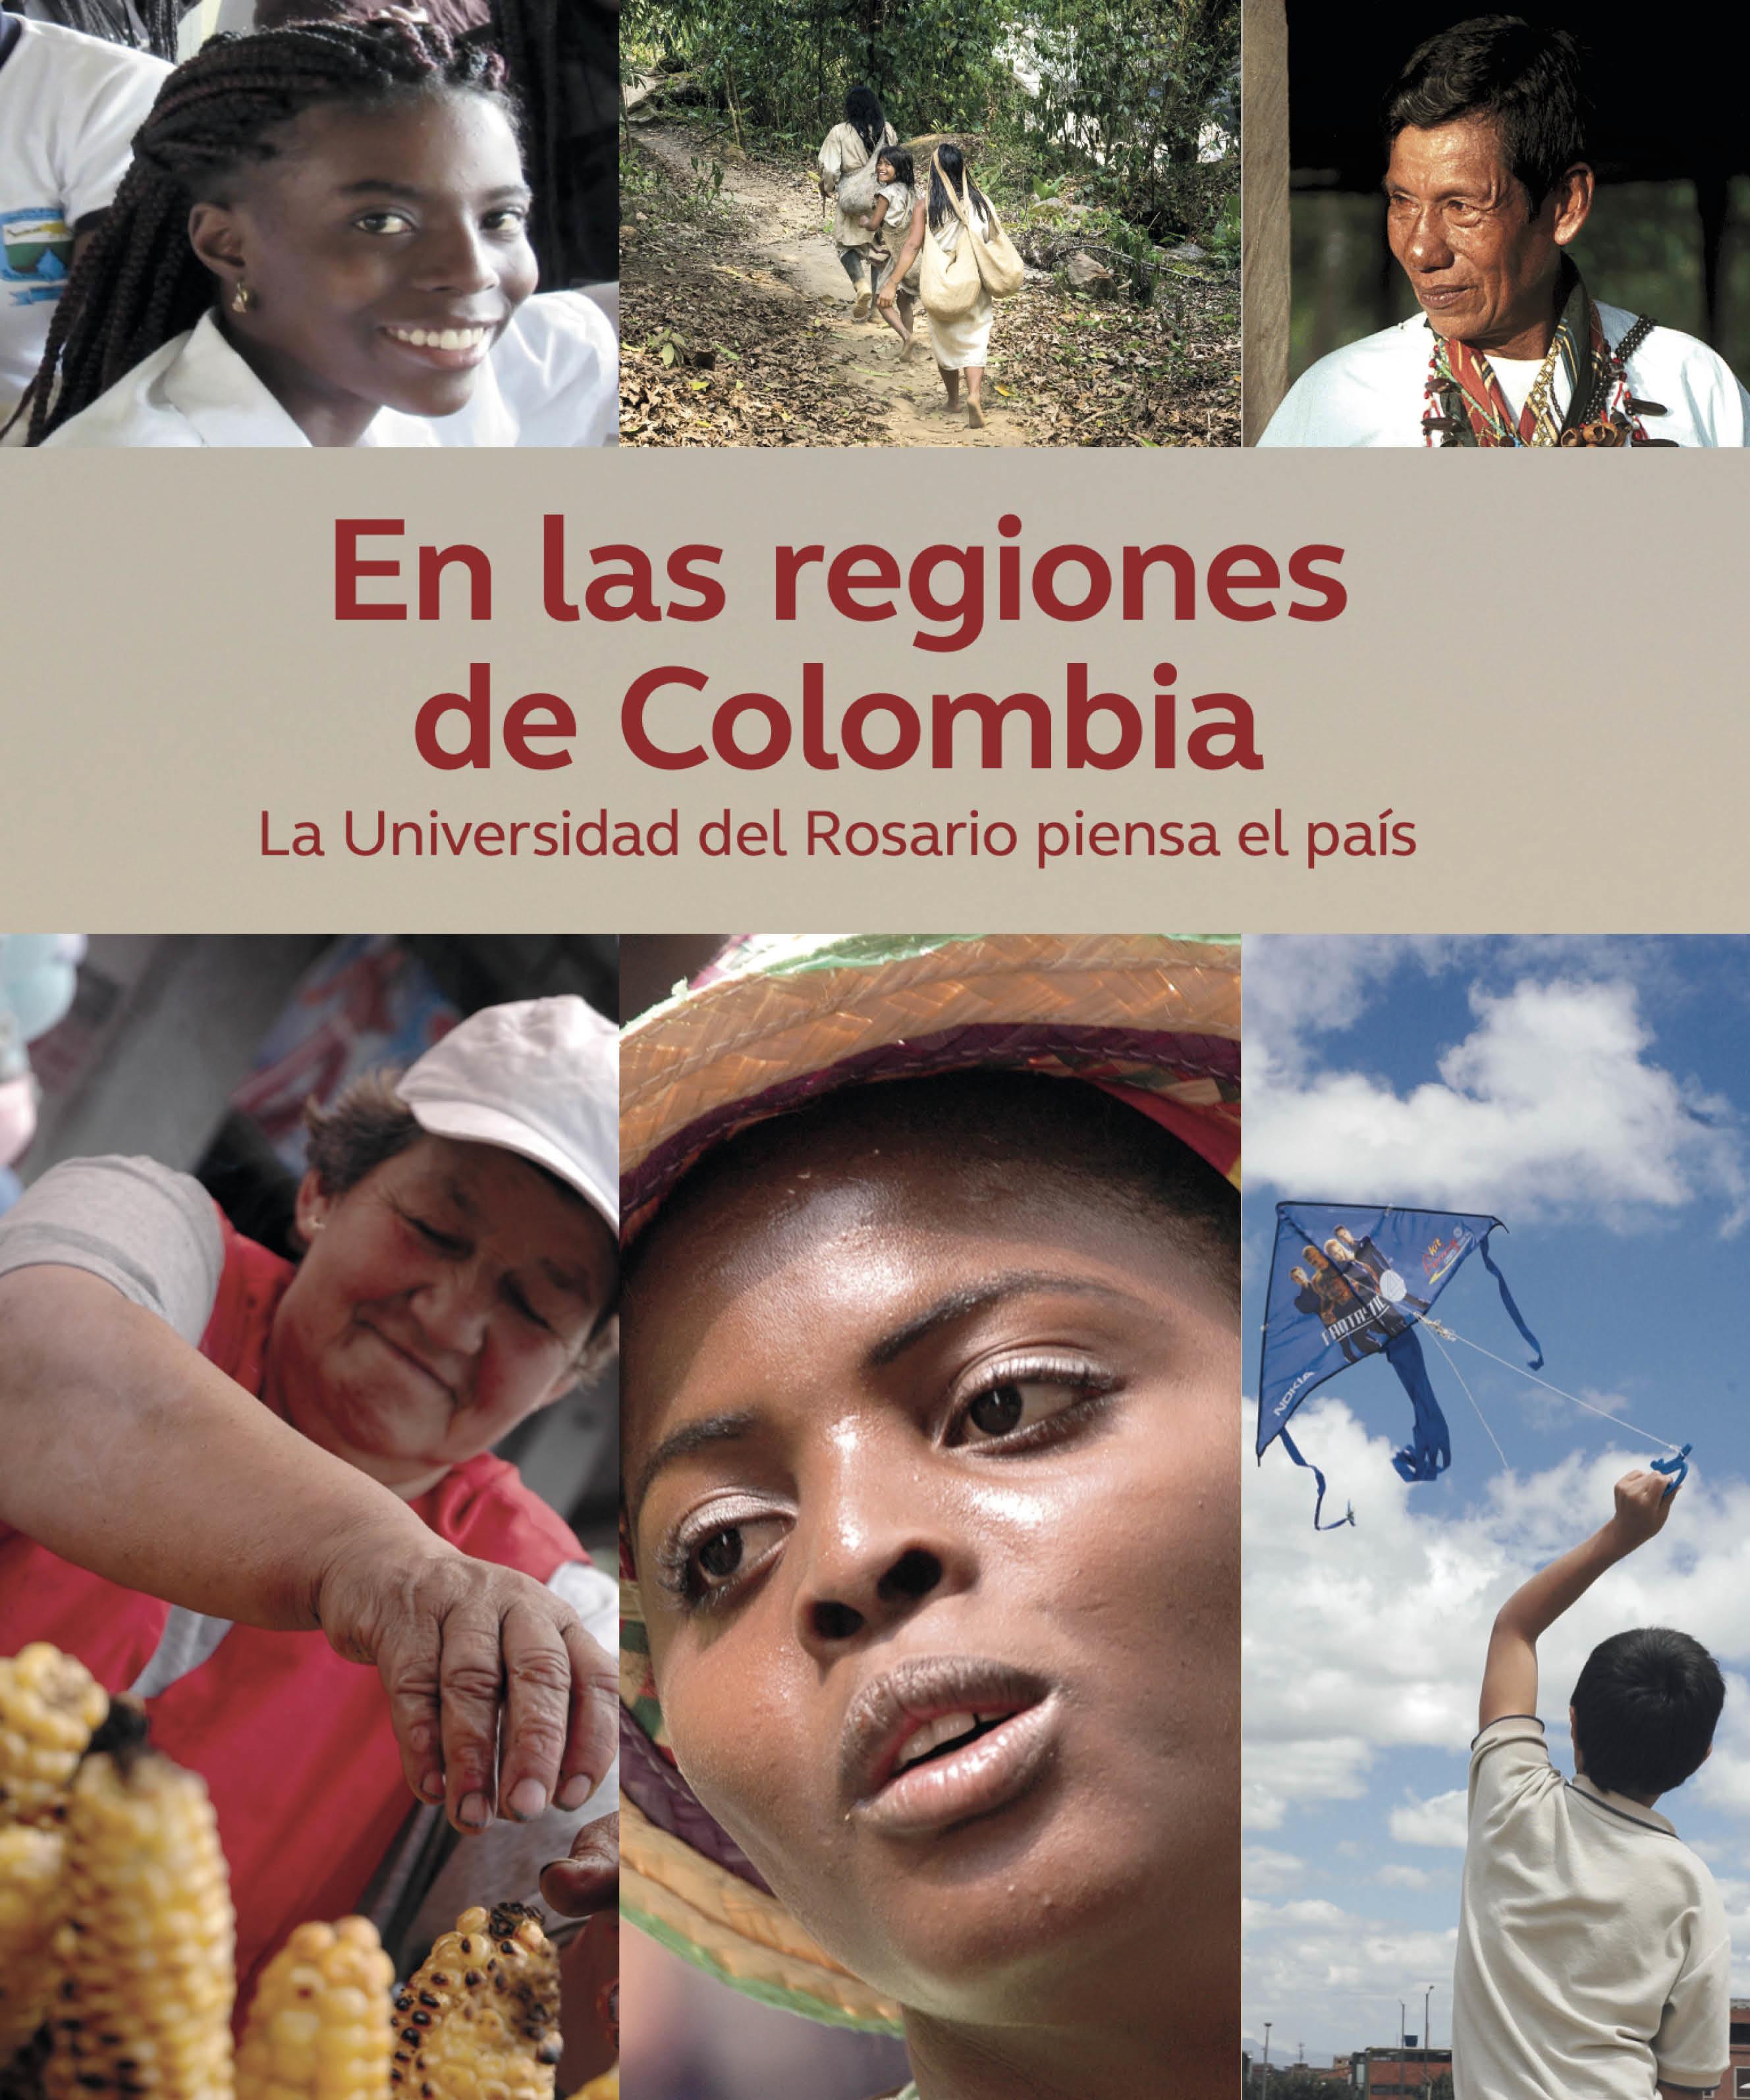 En las regiones de Colombia